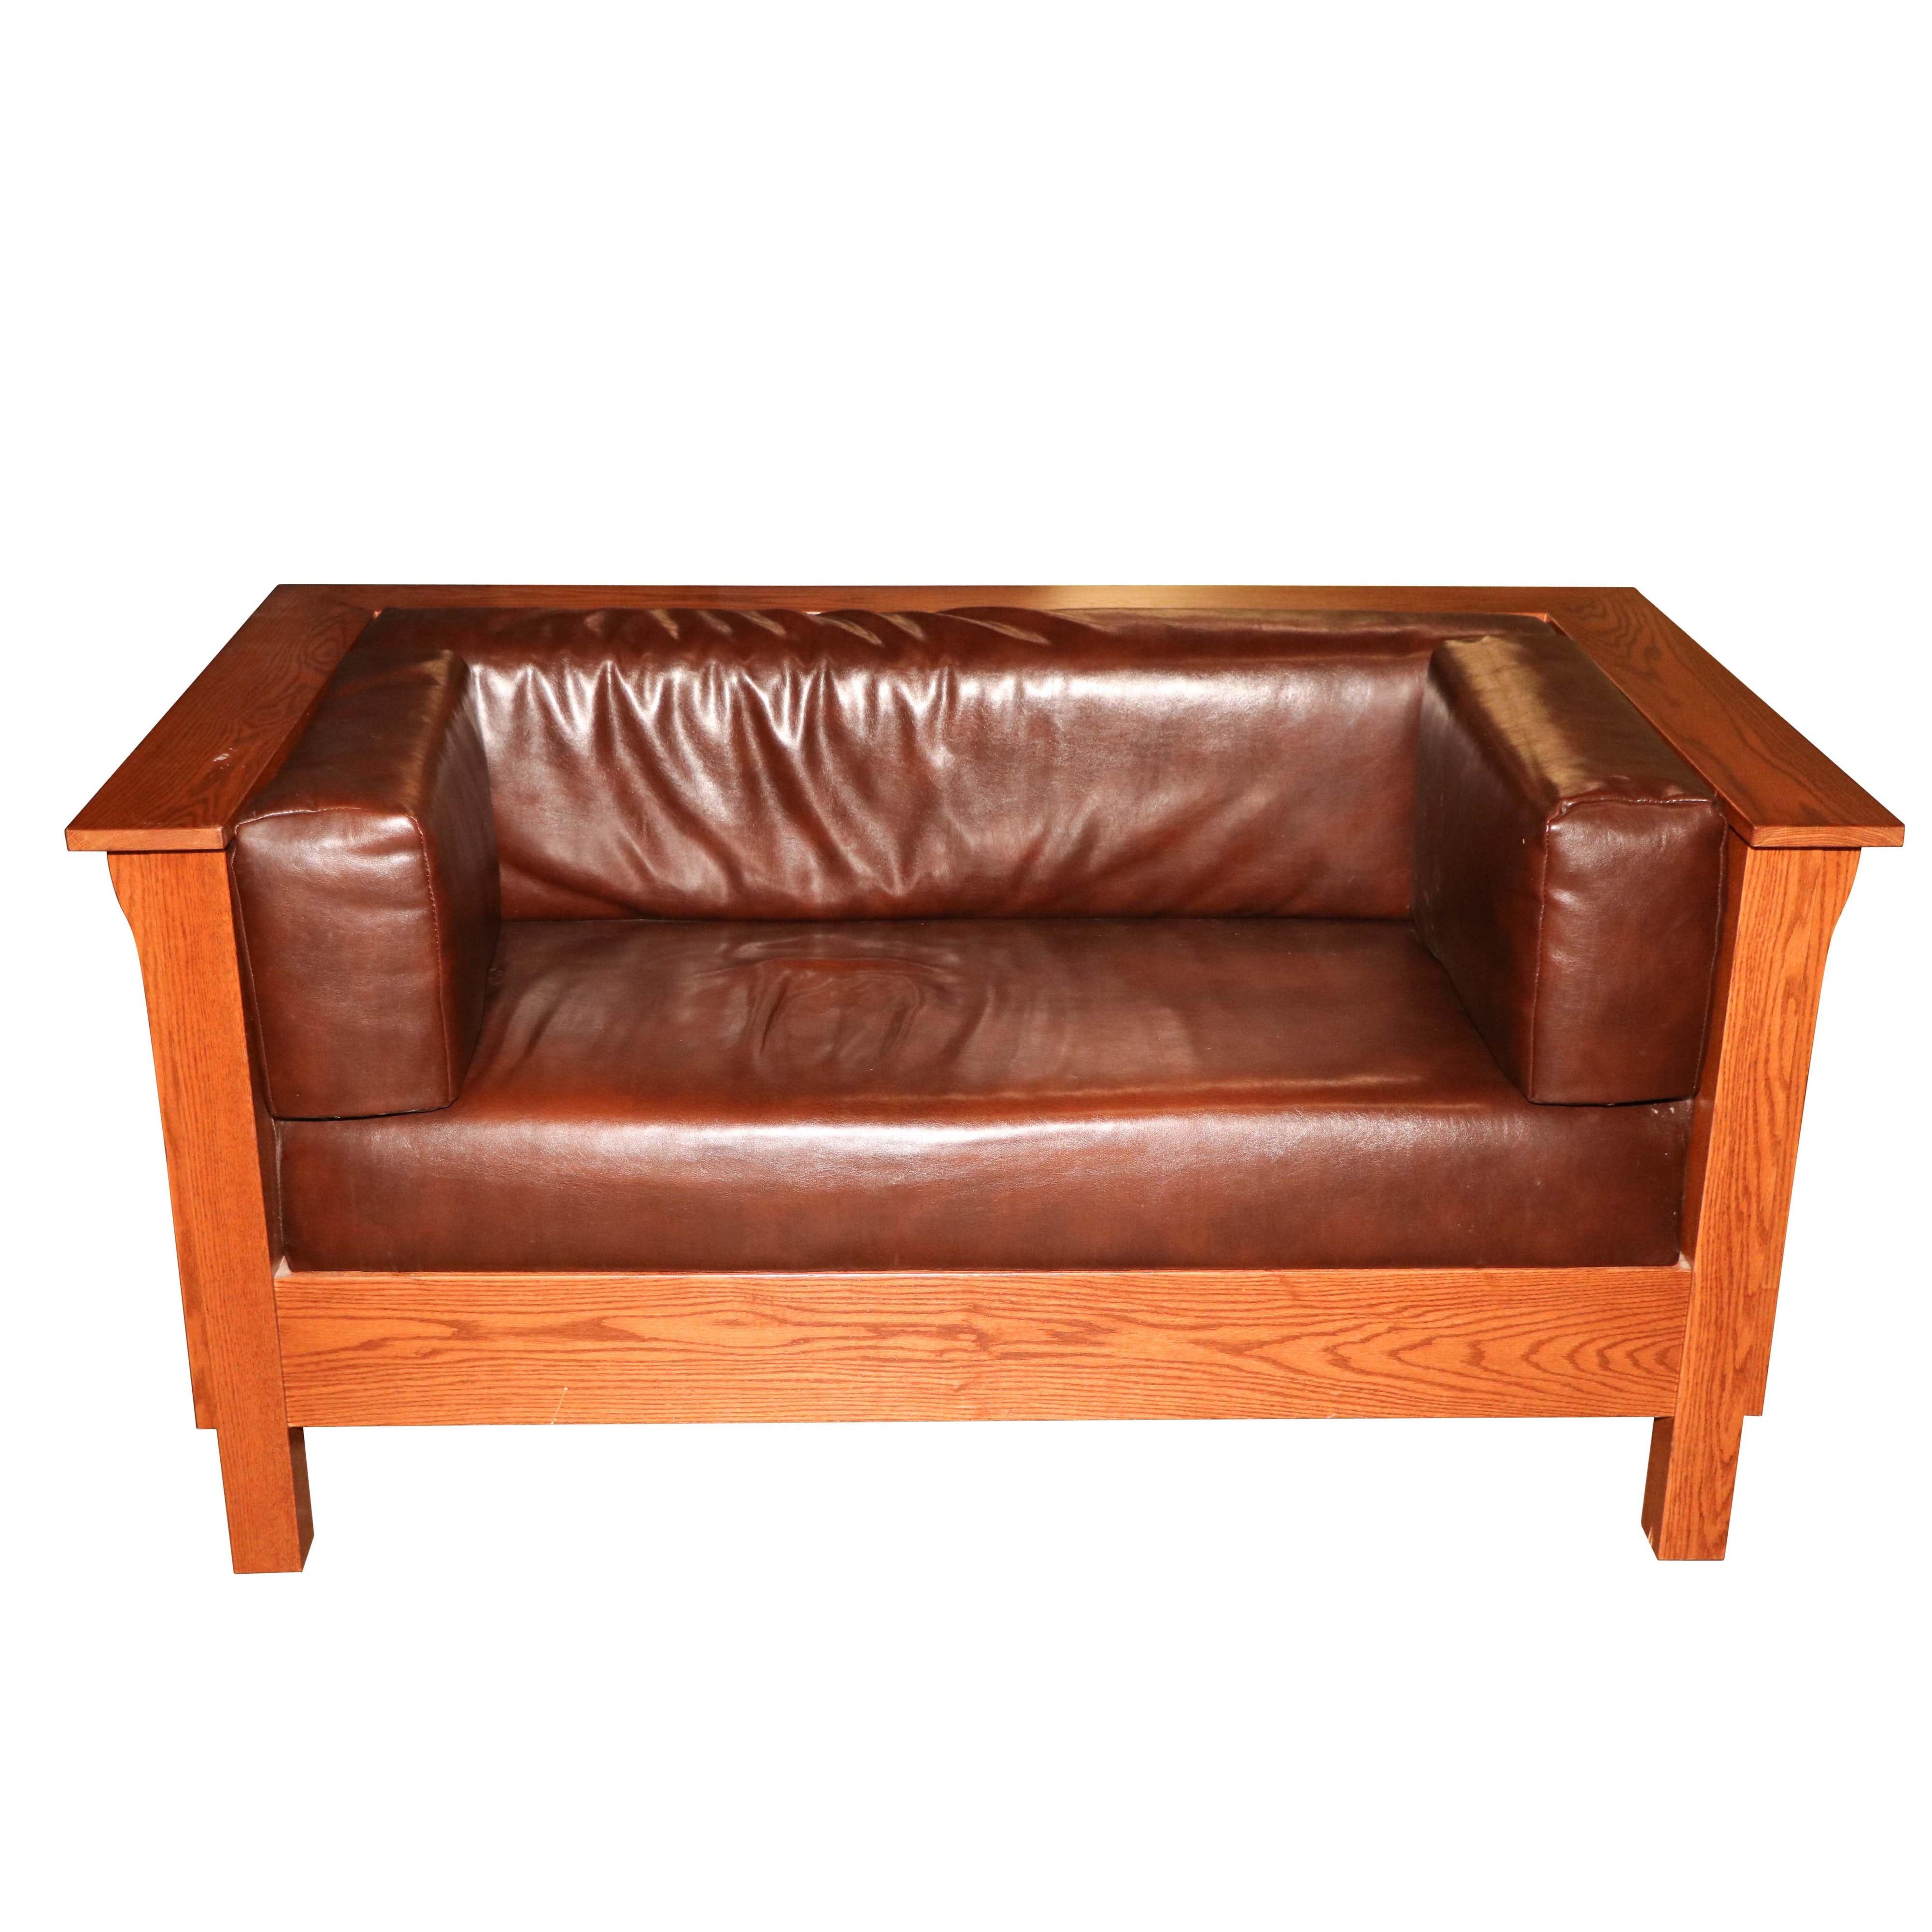 Vinyl Upholstered Oak Frame Tuxedo Style Loveseat, 21st Century